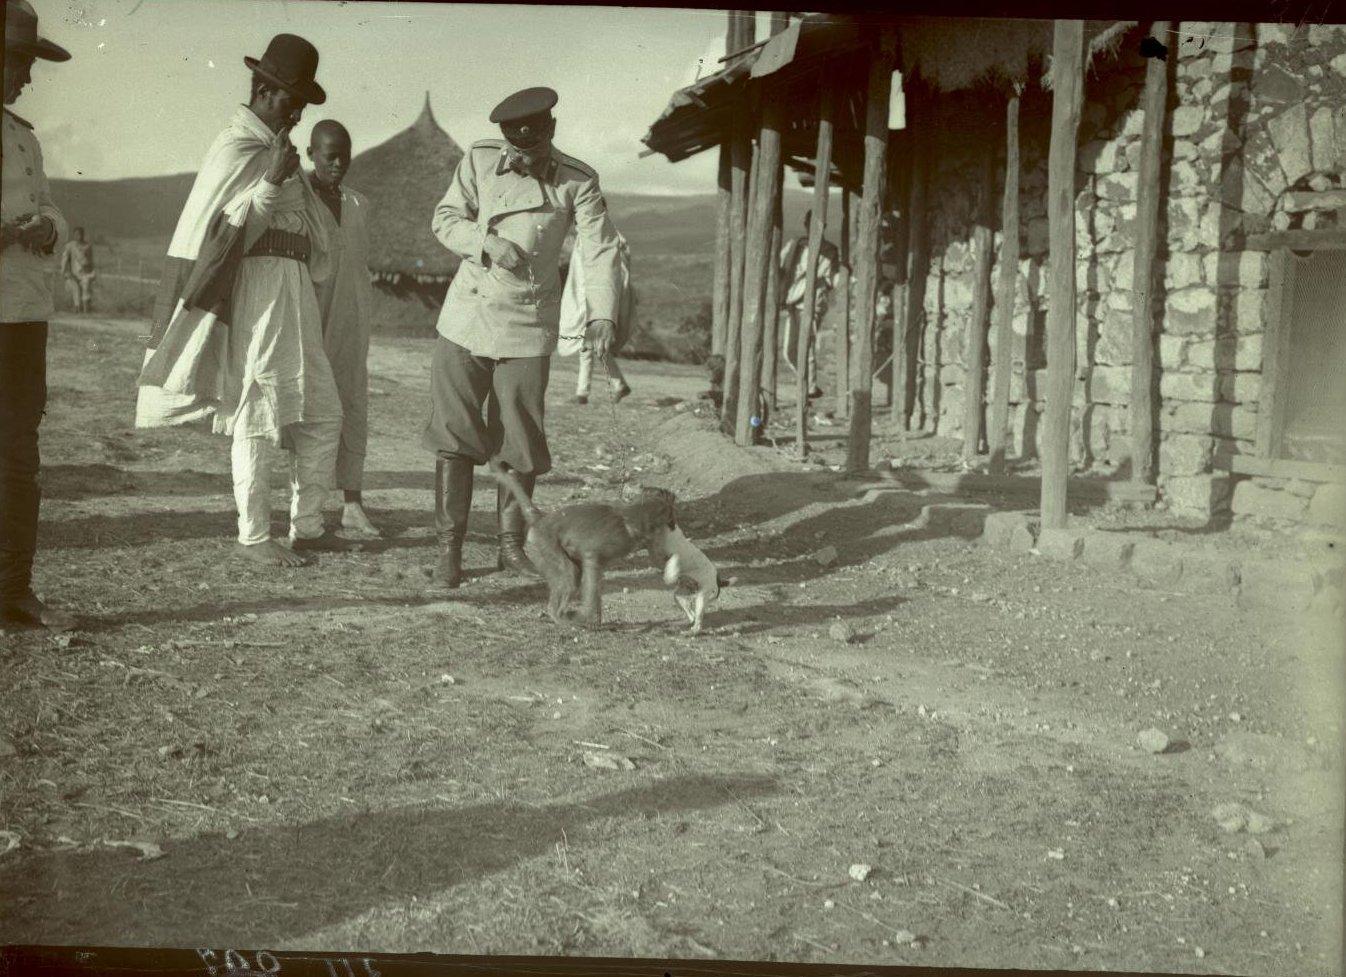 311. 1899. Абиссиния, Аддис-Абеба. Хирург Бровцин с обезъянкой